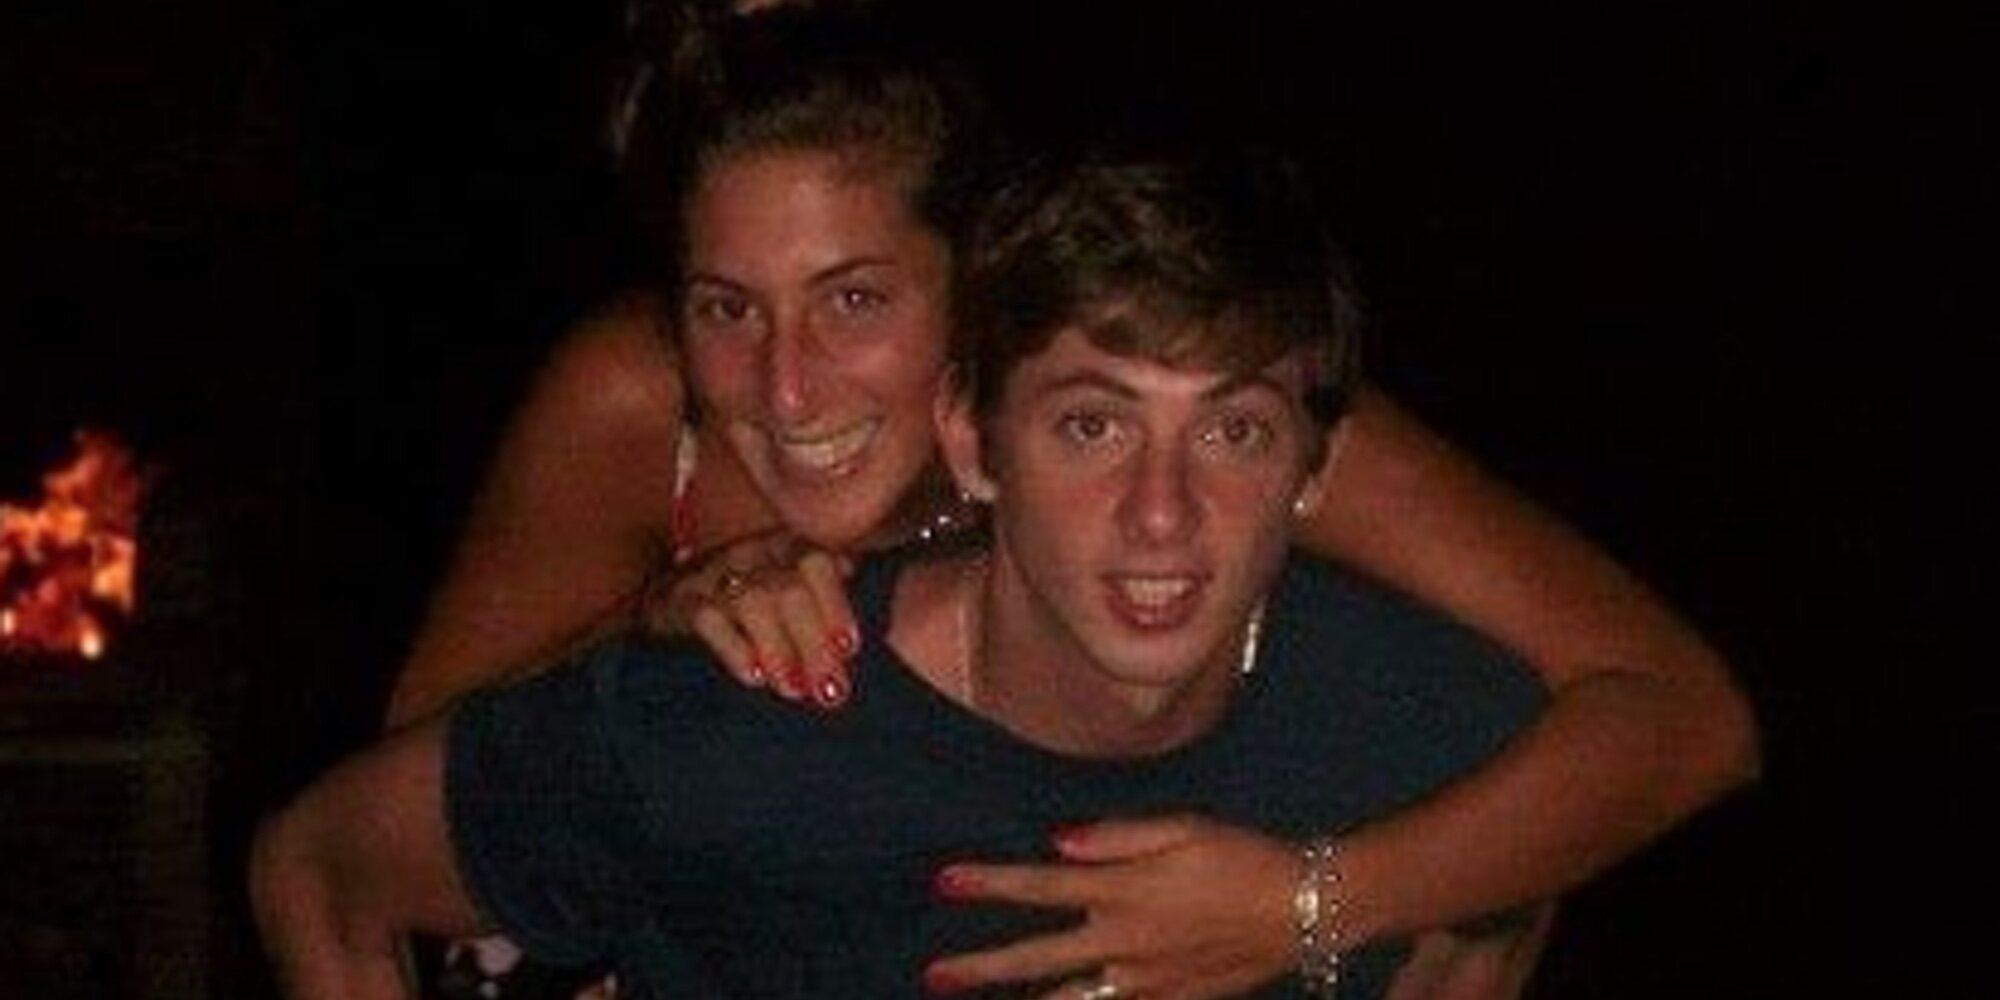 La hermana de Emiliano Sala, el futbolista fallecido, en estado grave por intento de suicidio